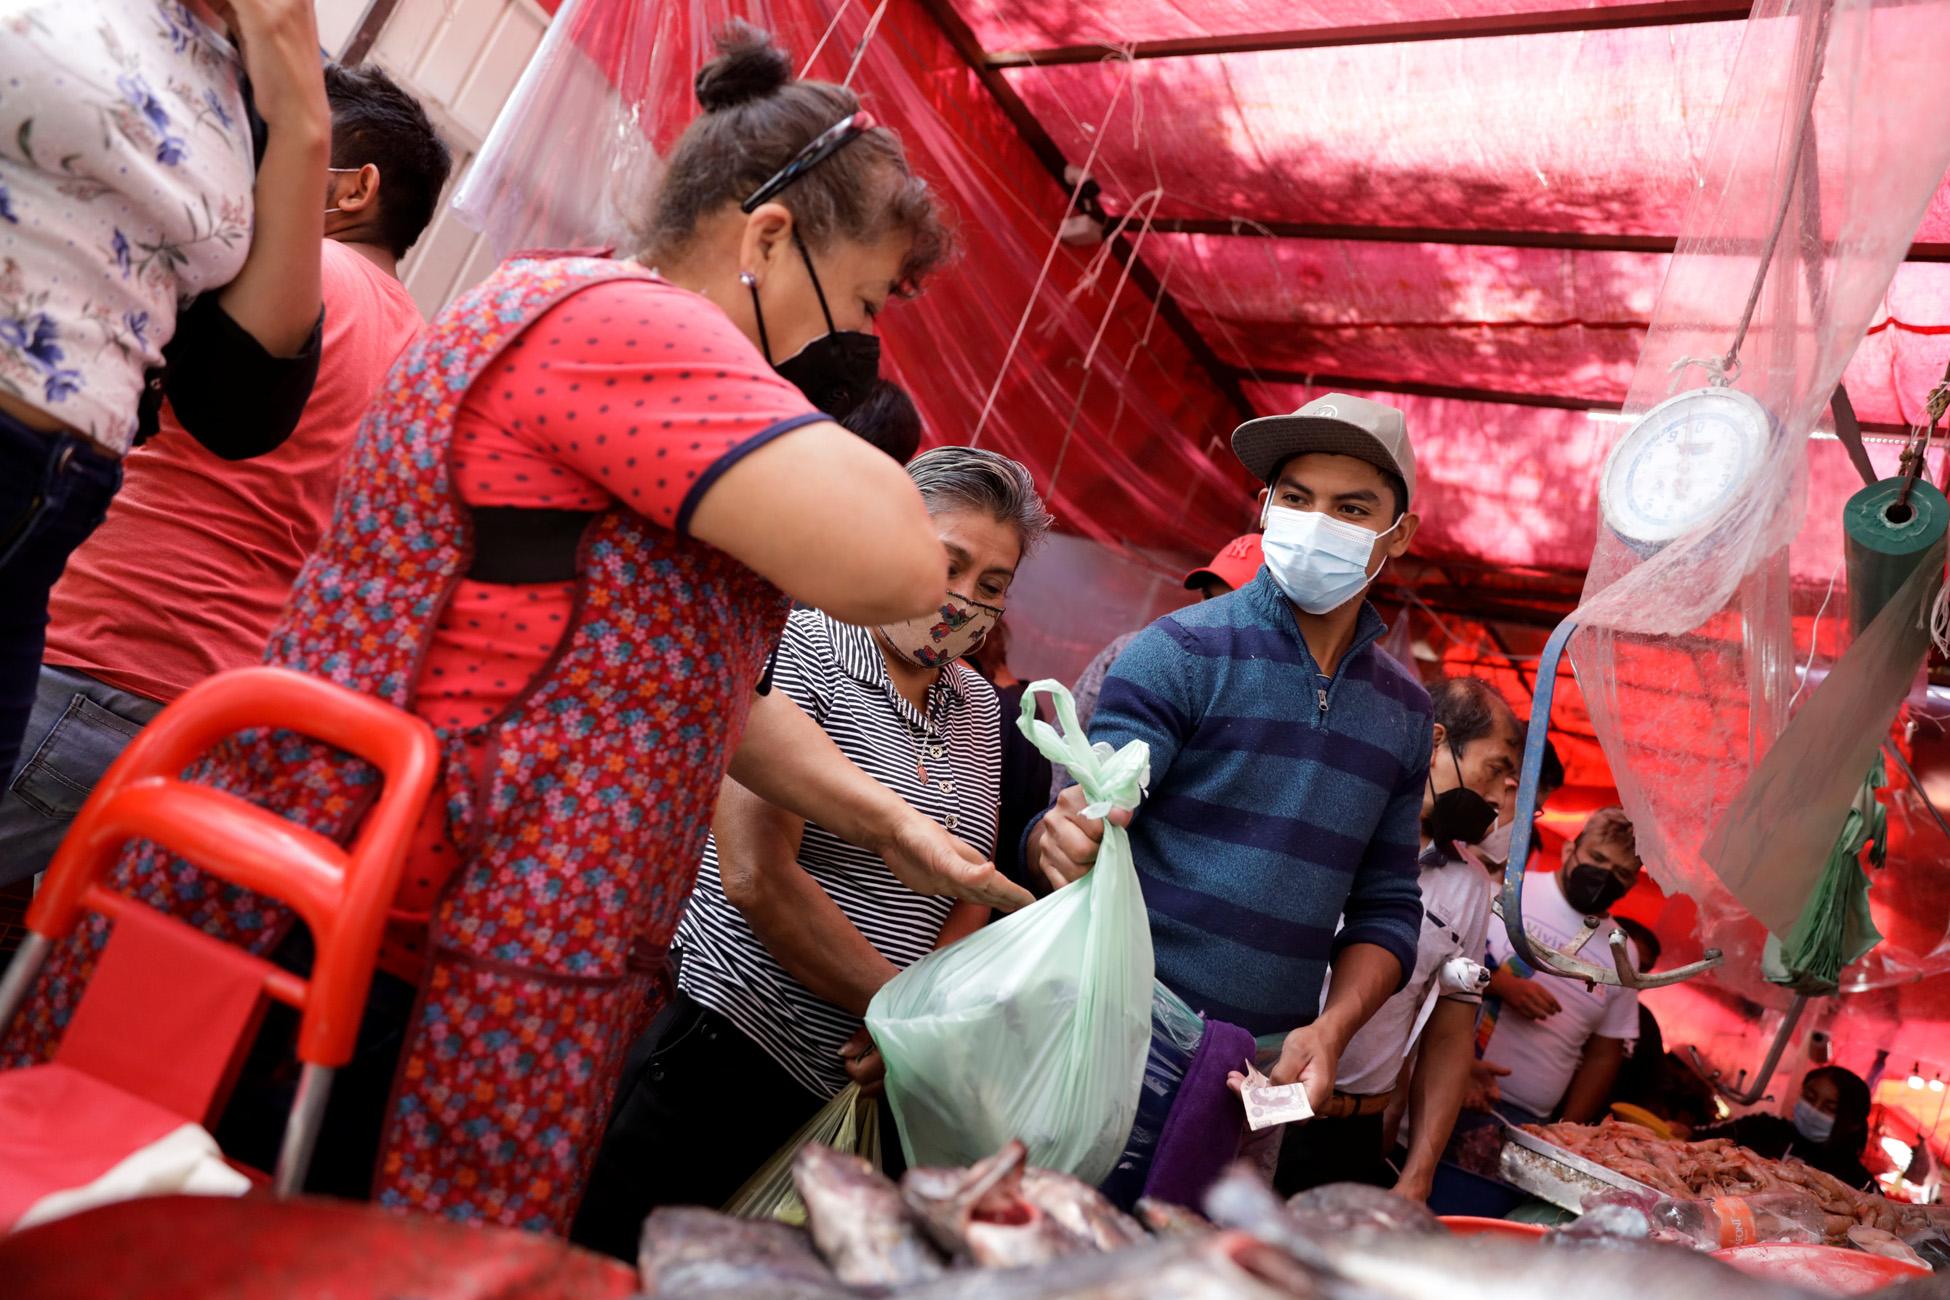 Μεξικό – κορονοϊός: Ξεπέρασε τους 205.000 νεκρούς από την αρχή της πανδημίας